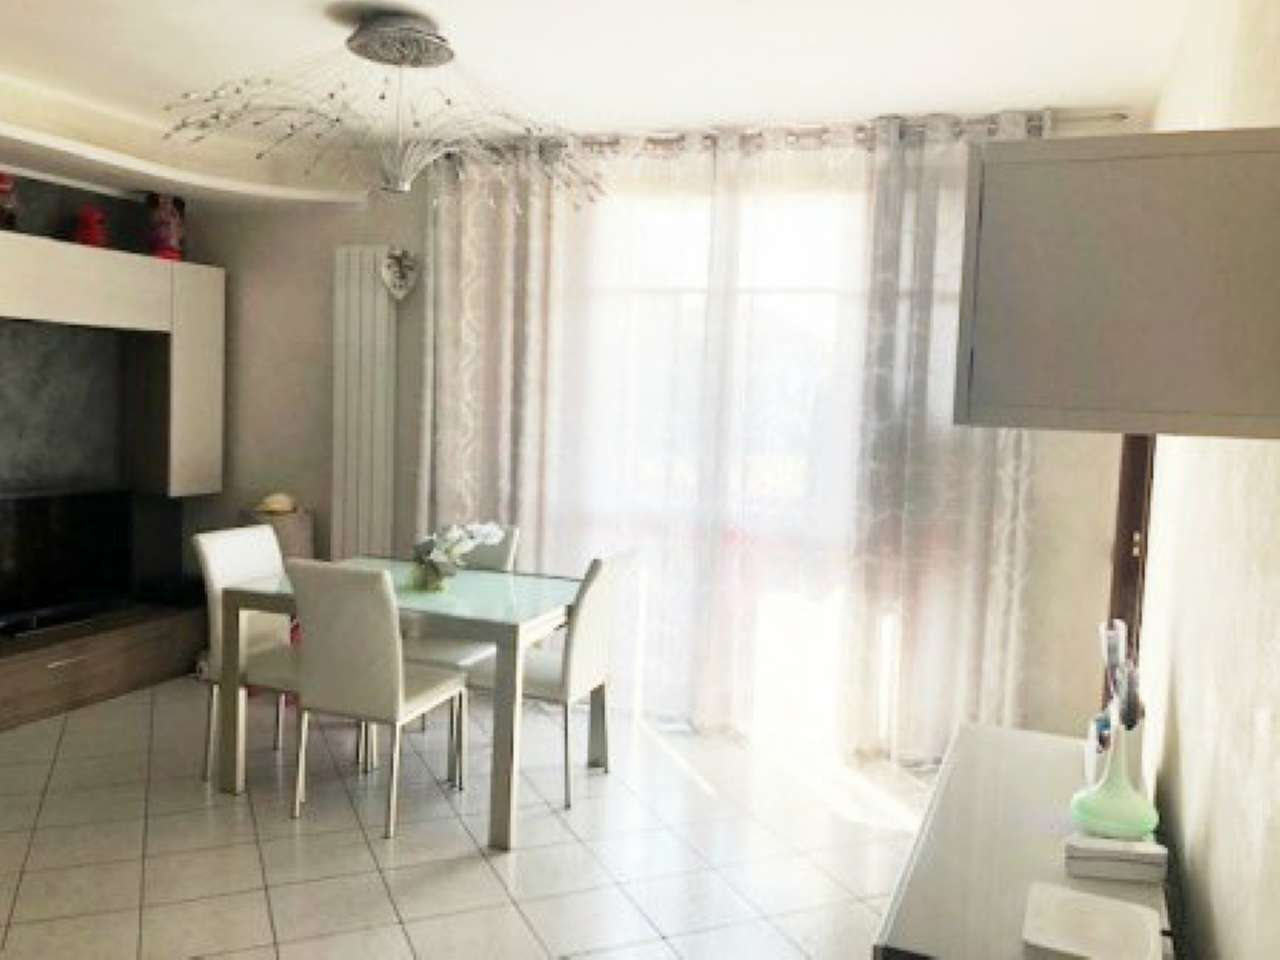 Appartamento in vendita a Gerenzano, 2 locali, prezzo € 118.000 | CambioCasa.it